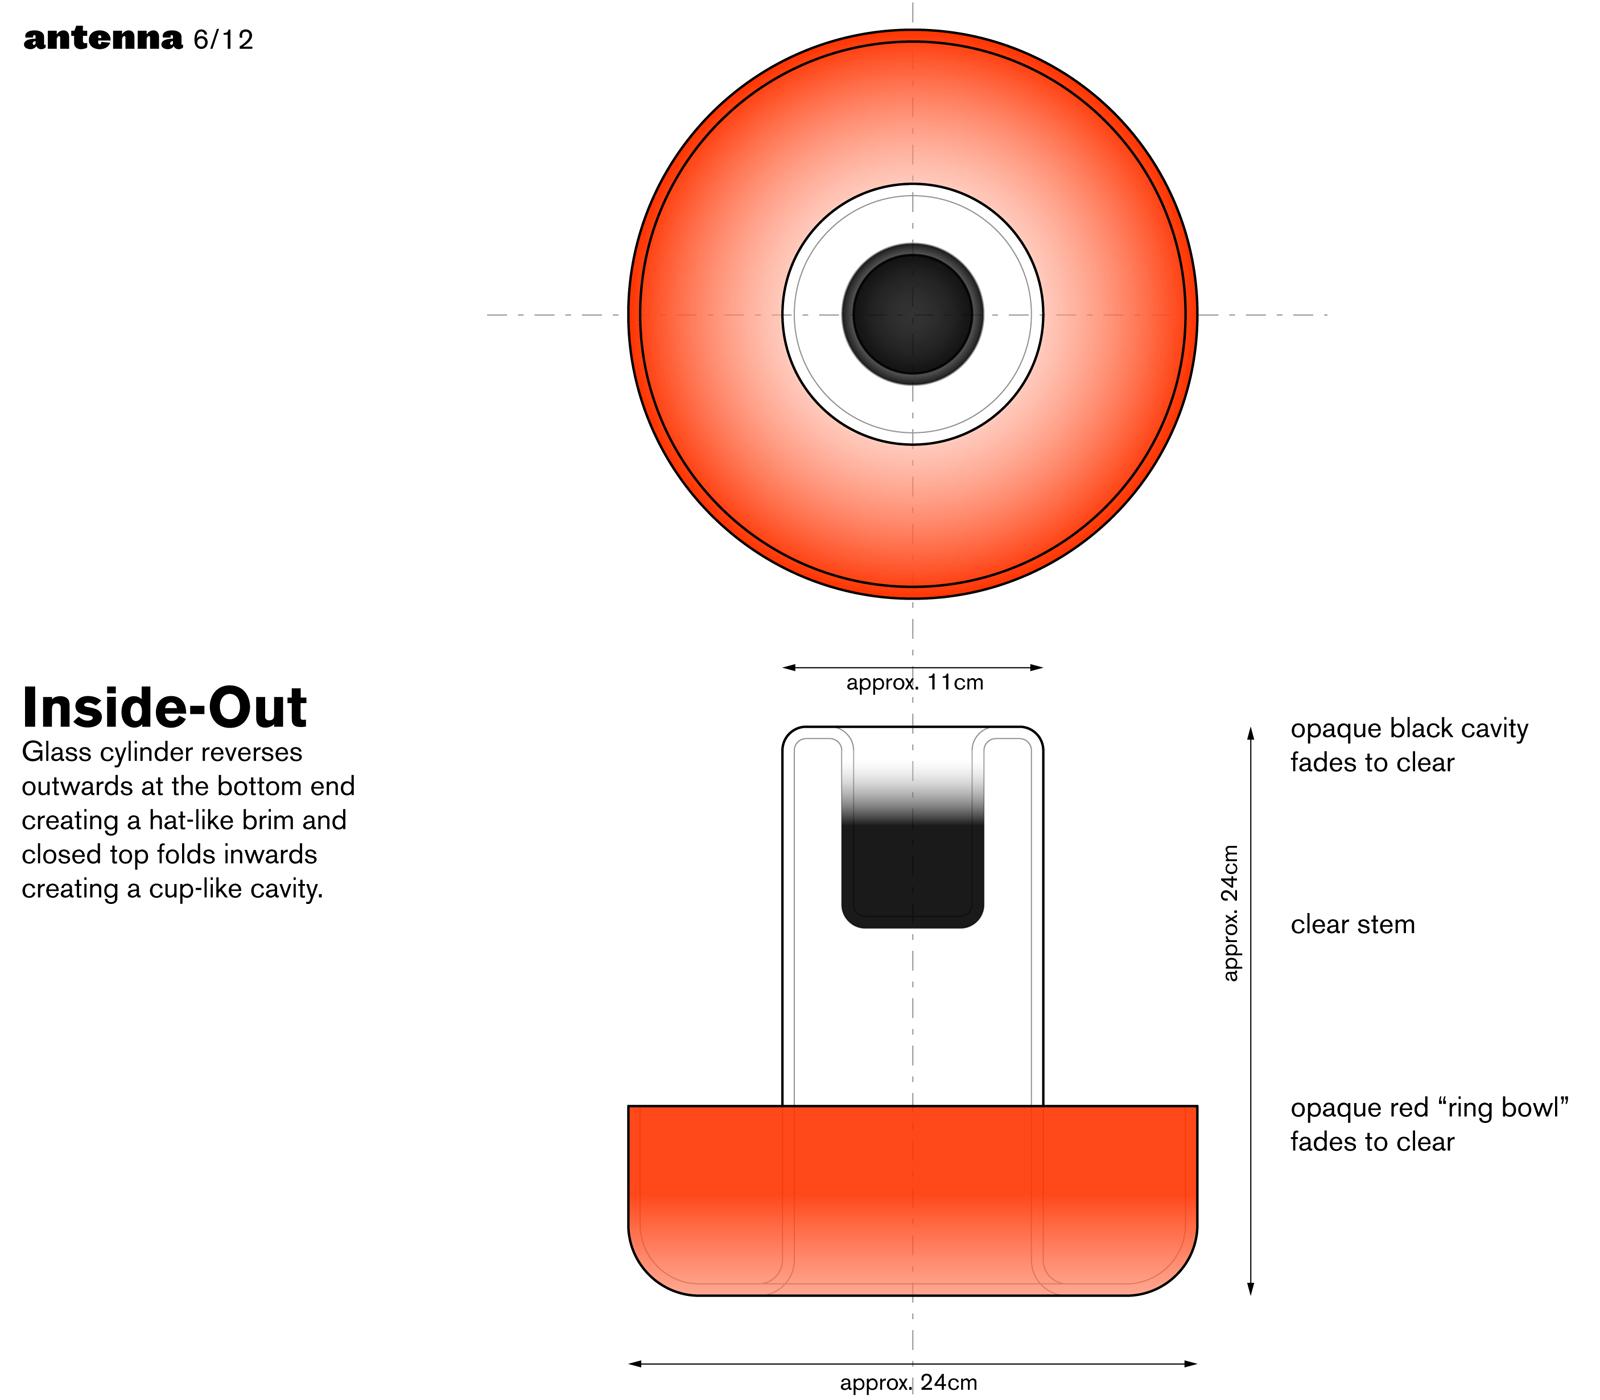 Design concept by Sigi Moeslinger for GlassLab in Corning, June 2012